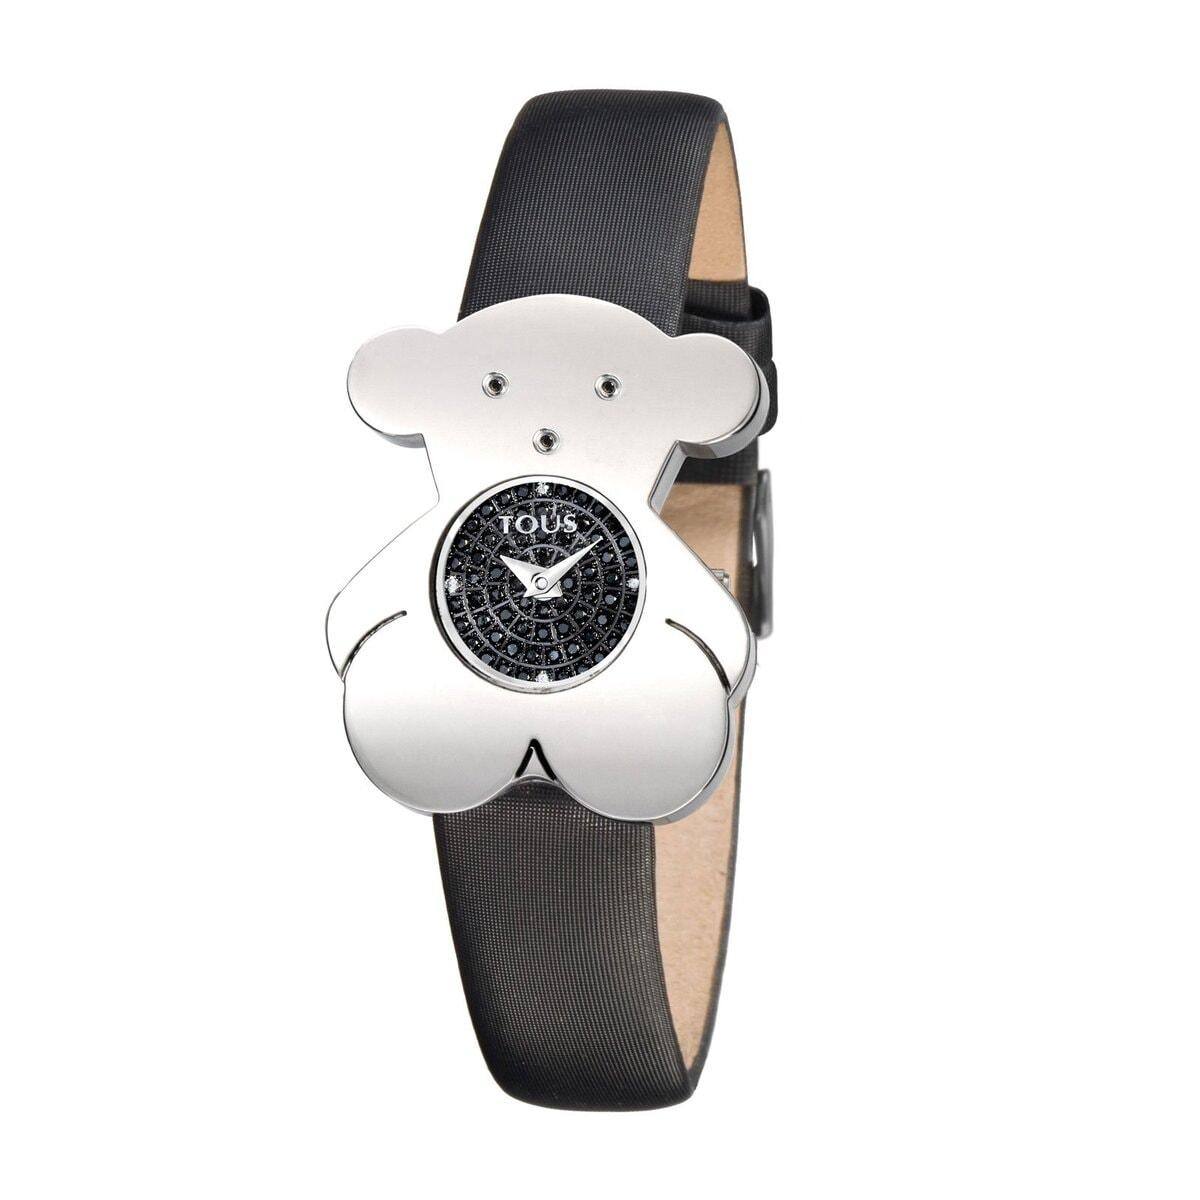 Reloj Tousy de acero con diamantes y correa de raso negra